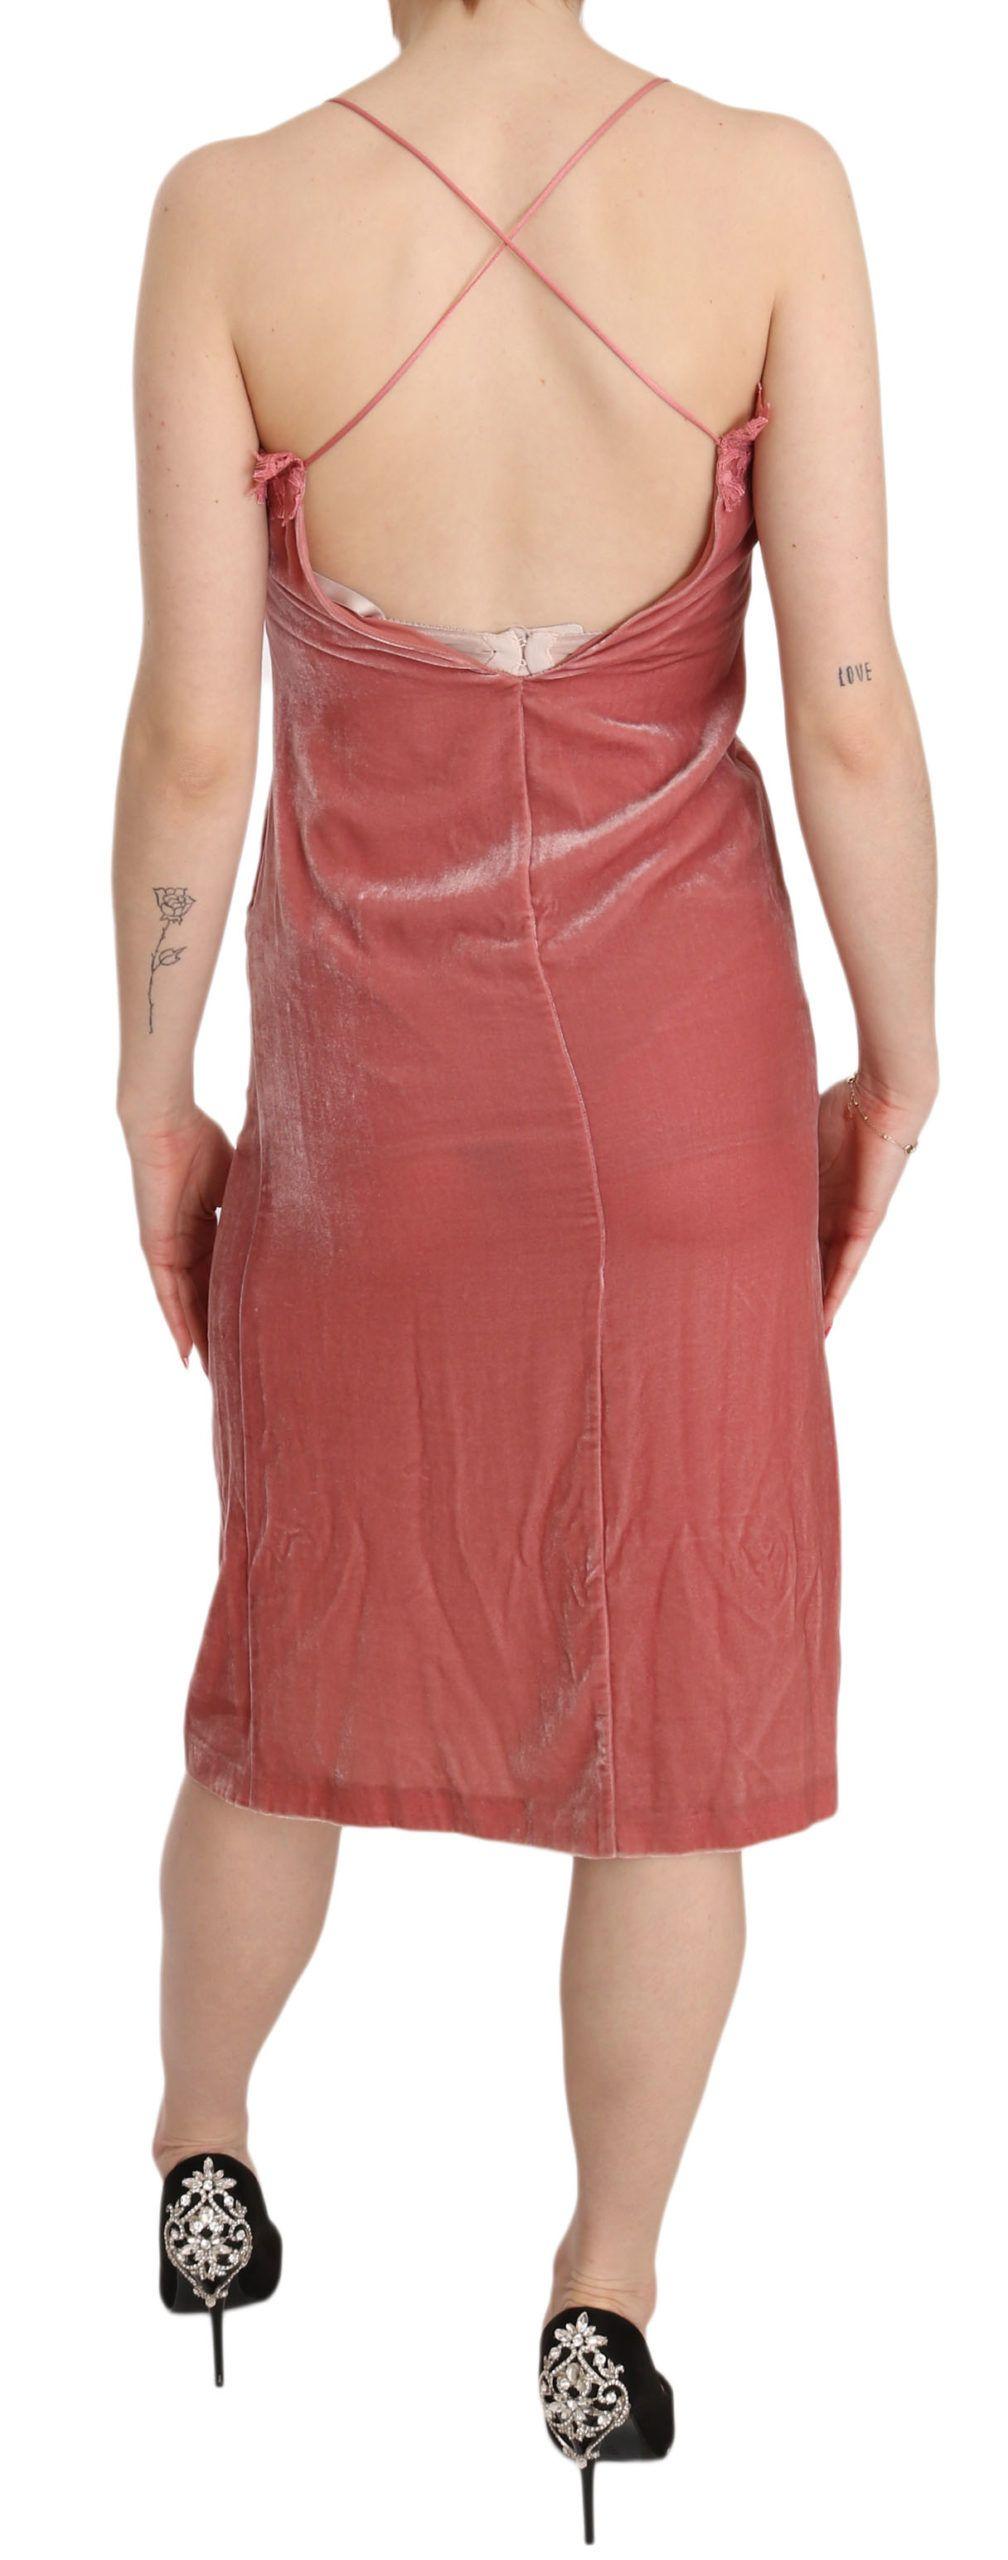 Dolce & Gabbana Gray Gilet STAFF Regular Fit Formal Vest